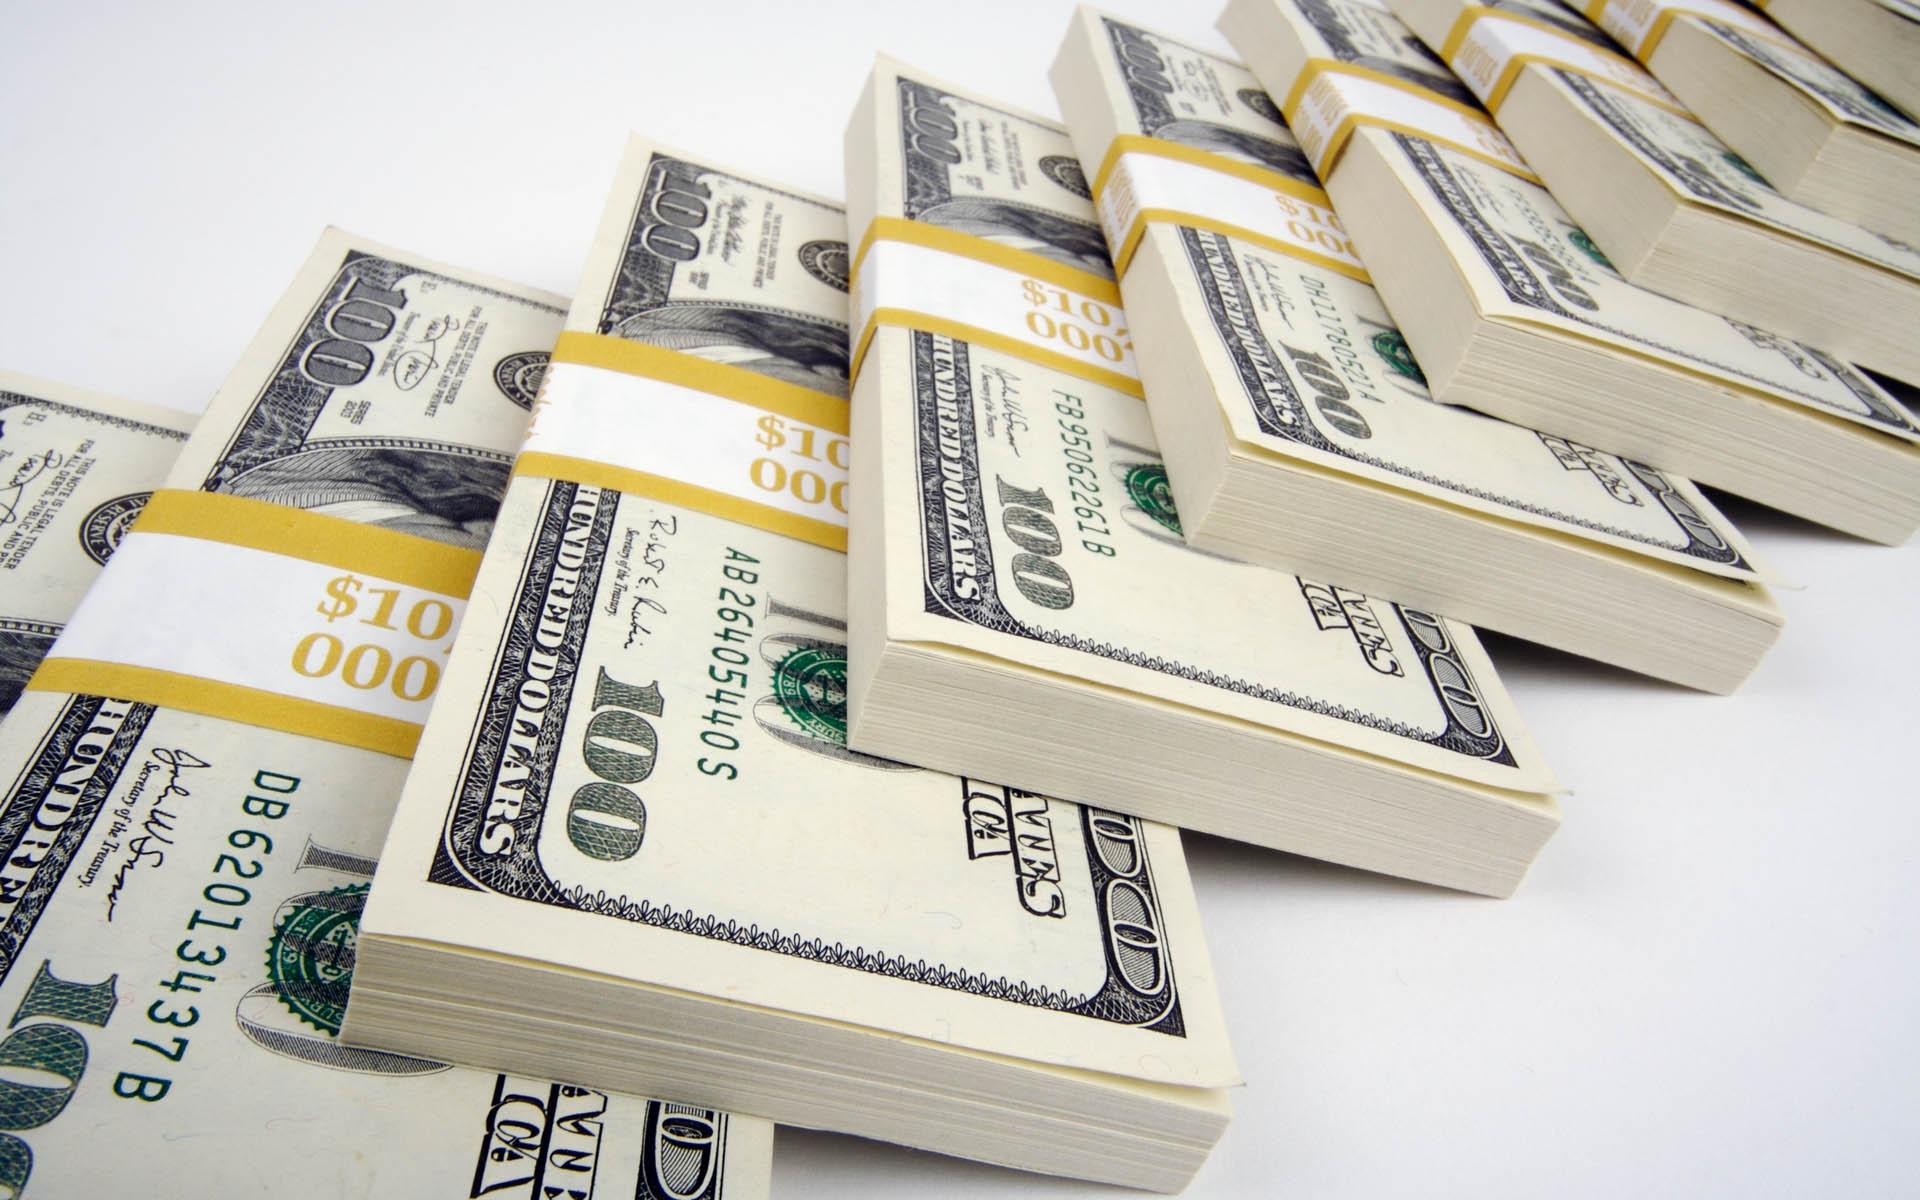 Картинка Разложенные пачки долларов - Картинки Деньги - Бесплатные ...